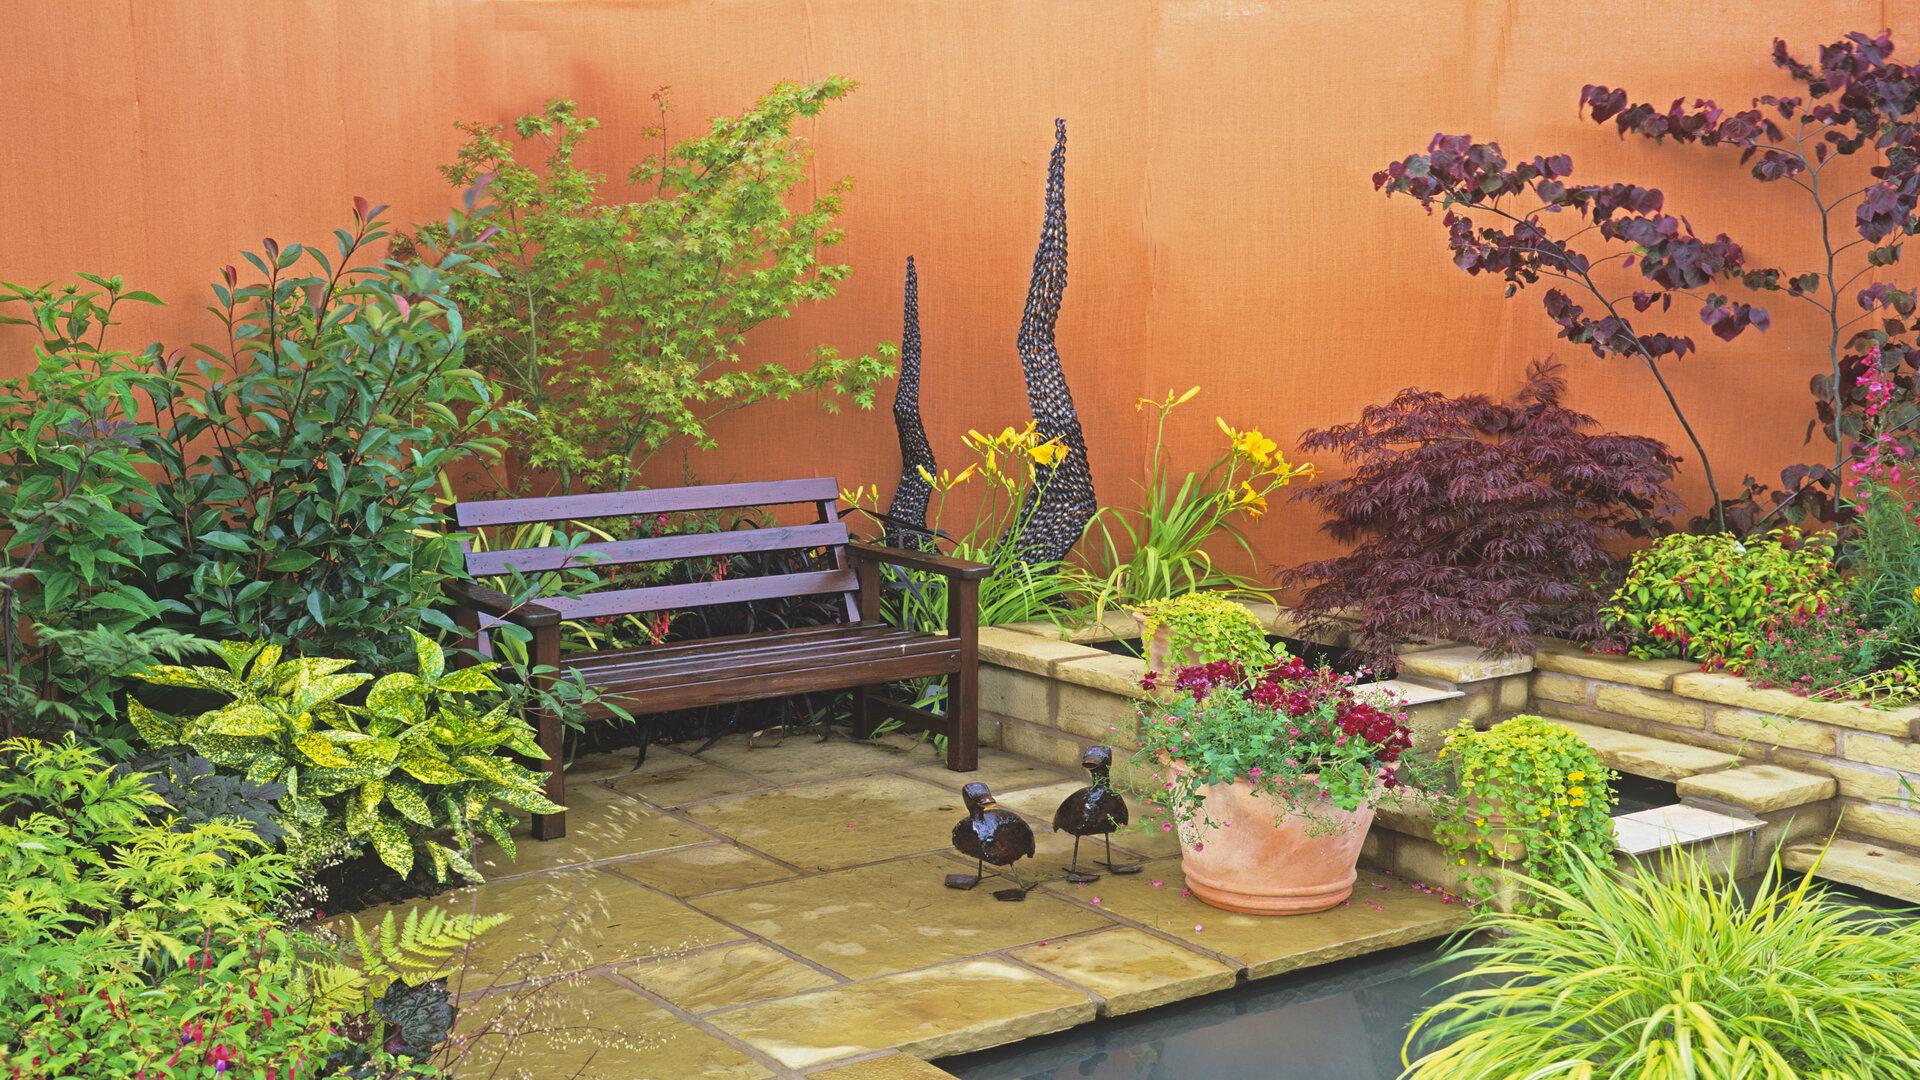 Comment Aménager Un Petit Jardin D'extérieur - Décoration Maison intérieur Comment Aménager Un Petit Jardin